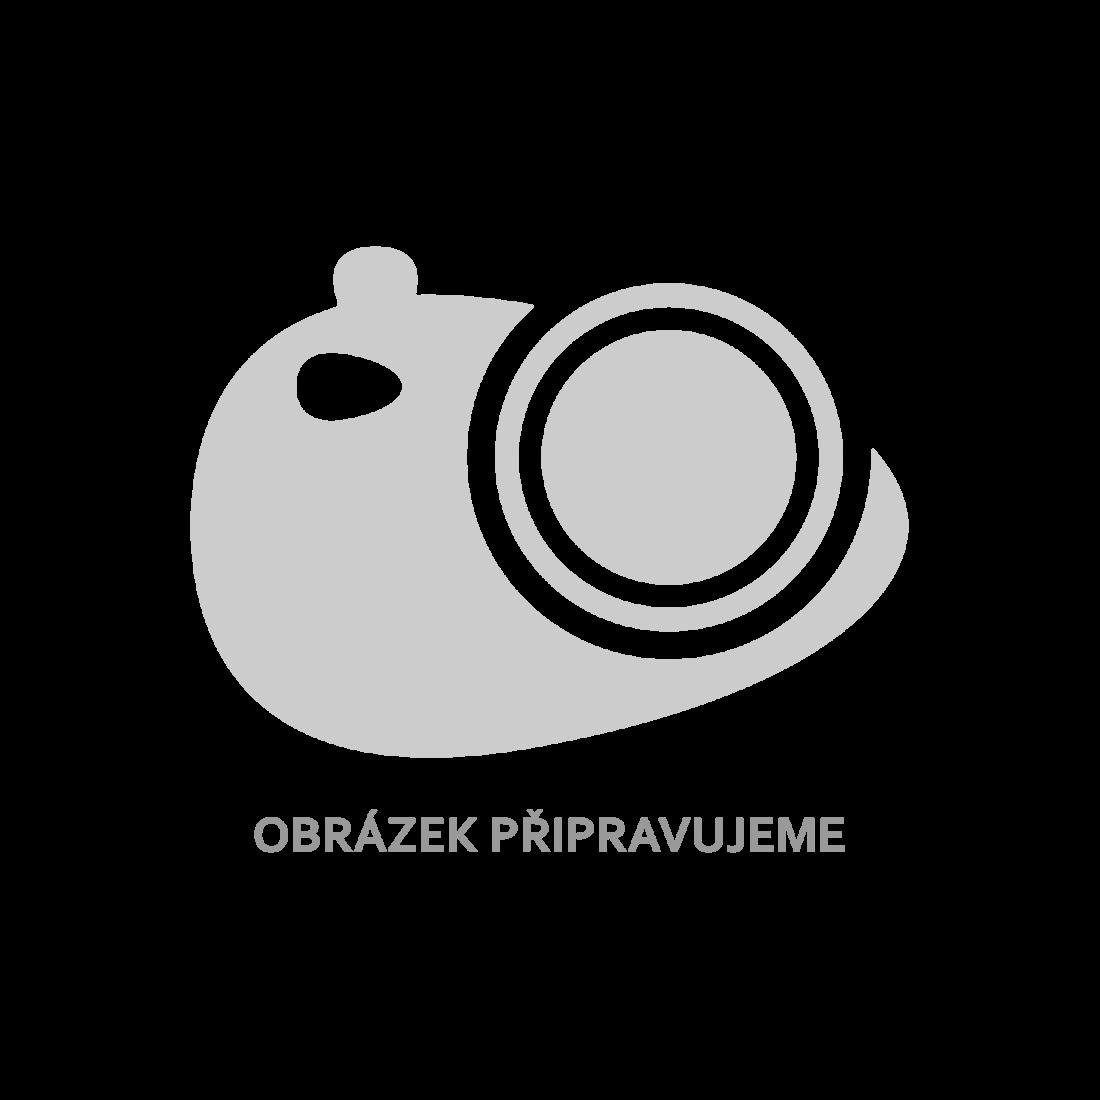 vidaXL Pojízdné kancelářské židle 2 ks textil tmavě šedé [276280]